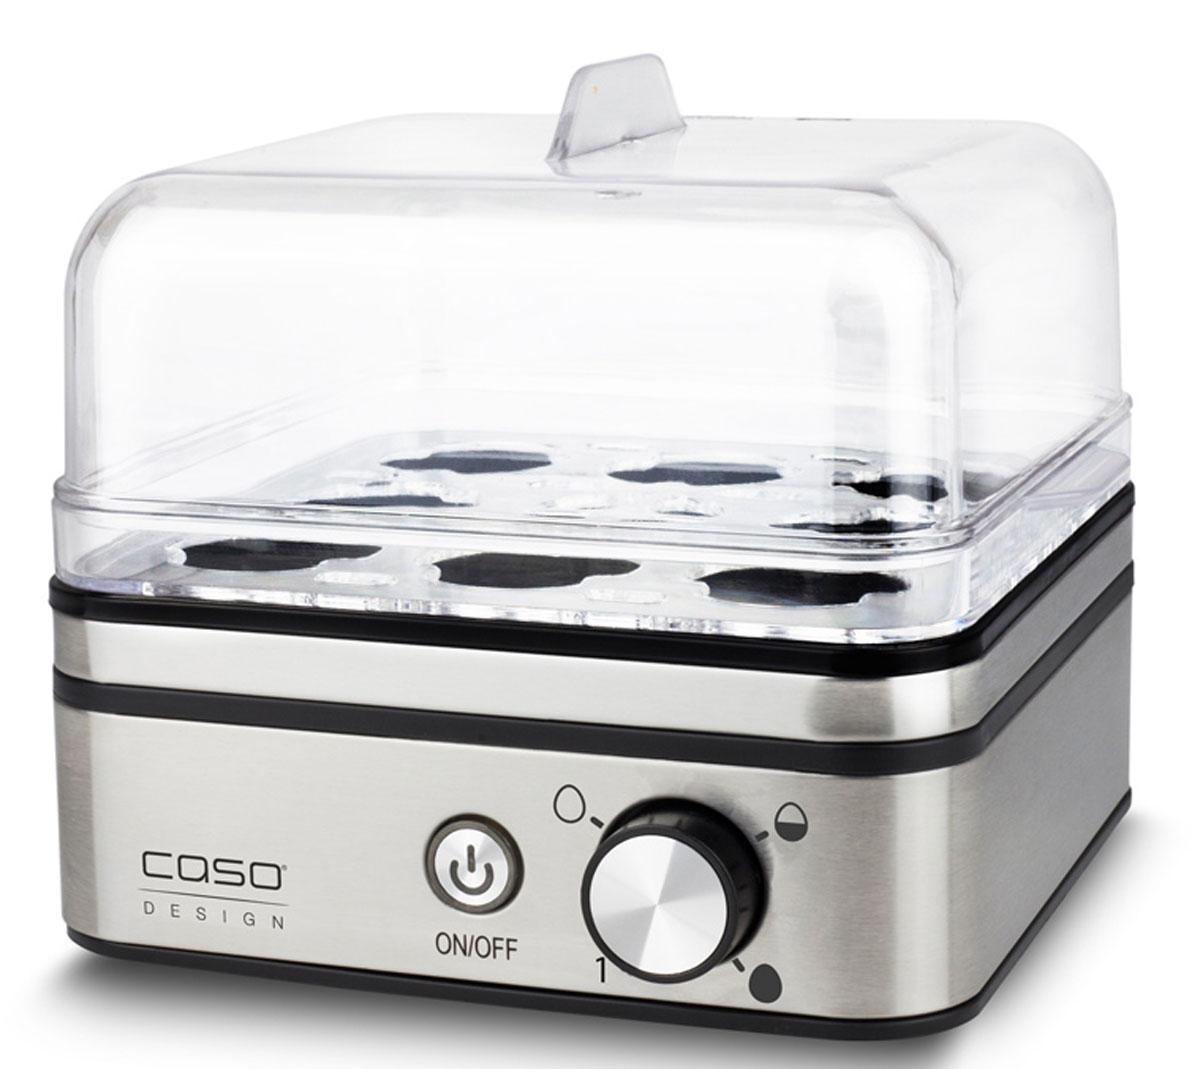 CASO E9, Silver яйцеваркаE 9C помощью яйцеварки CASO E 9 яйца готовятся на пару, при этом используется минимальное количество воды. Каждое яйцо помещается в свое гнездышко, поэтому яйца не соприкасаются друг с другом, а значит, не трескаются и не вытекают. Электронное регулирование времени приготовления Защита от выкипания Антипригарное покрытие варочной емкости Прозрачная пластиковая крышка Мерный стаканчик с приспособлением для накалывания яиц Съемная подставка для яиц из нержавеющей стали